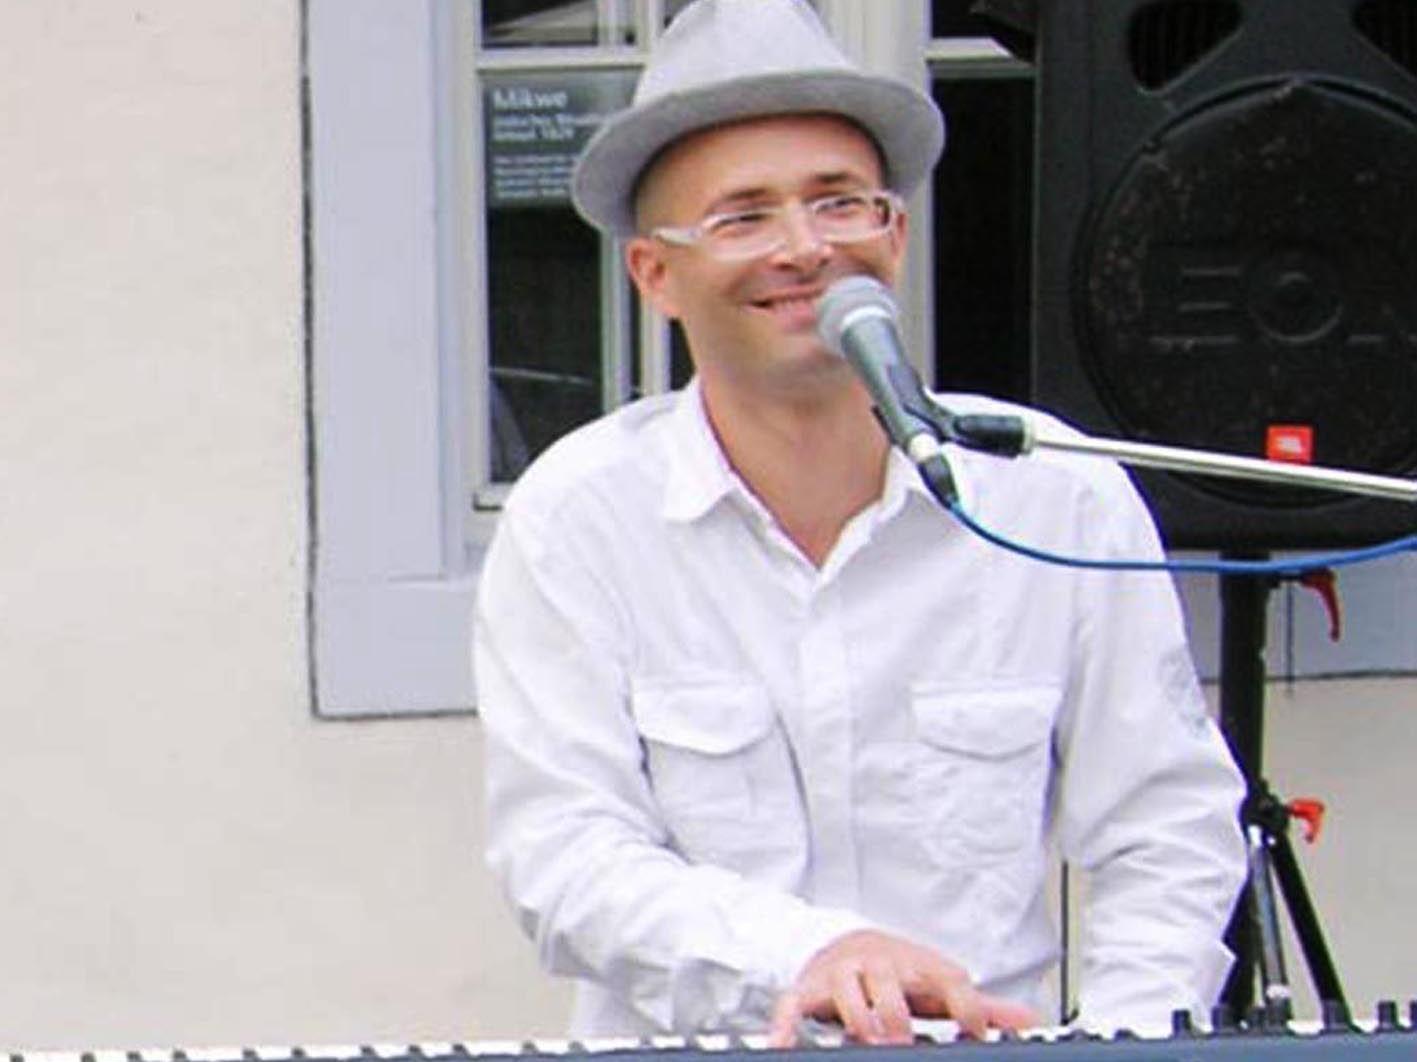 Den Anfang der Sommernachtsjazz-Konzertreihe macht heute der Pianist und Sänger Christof Waibel.